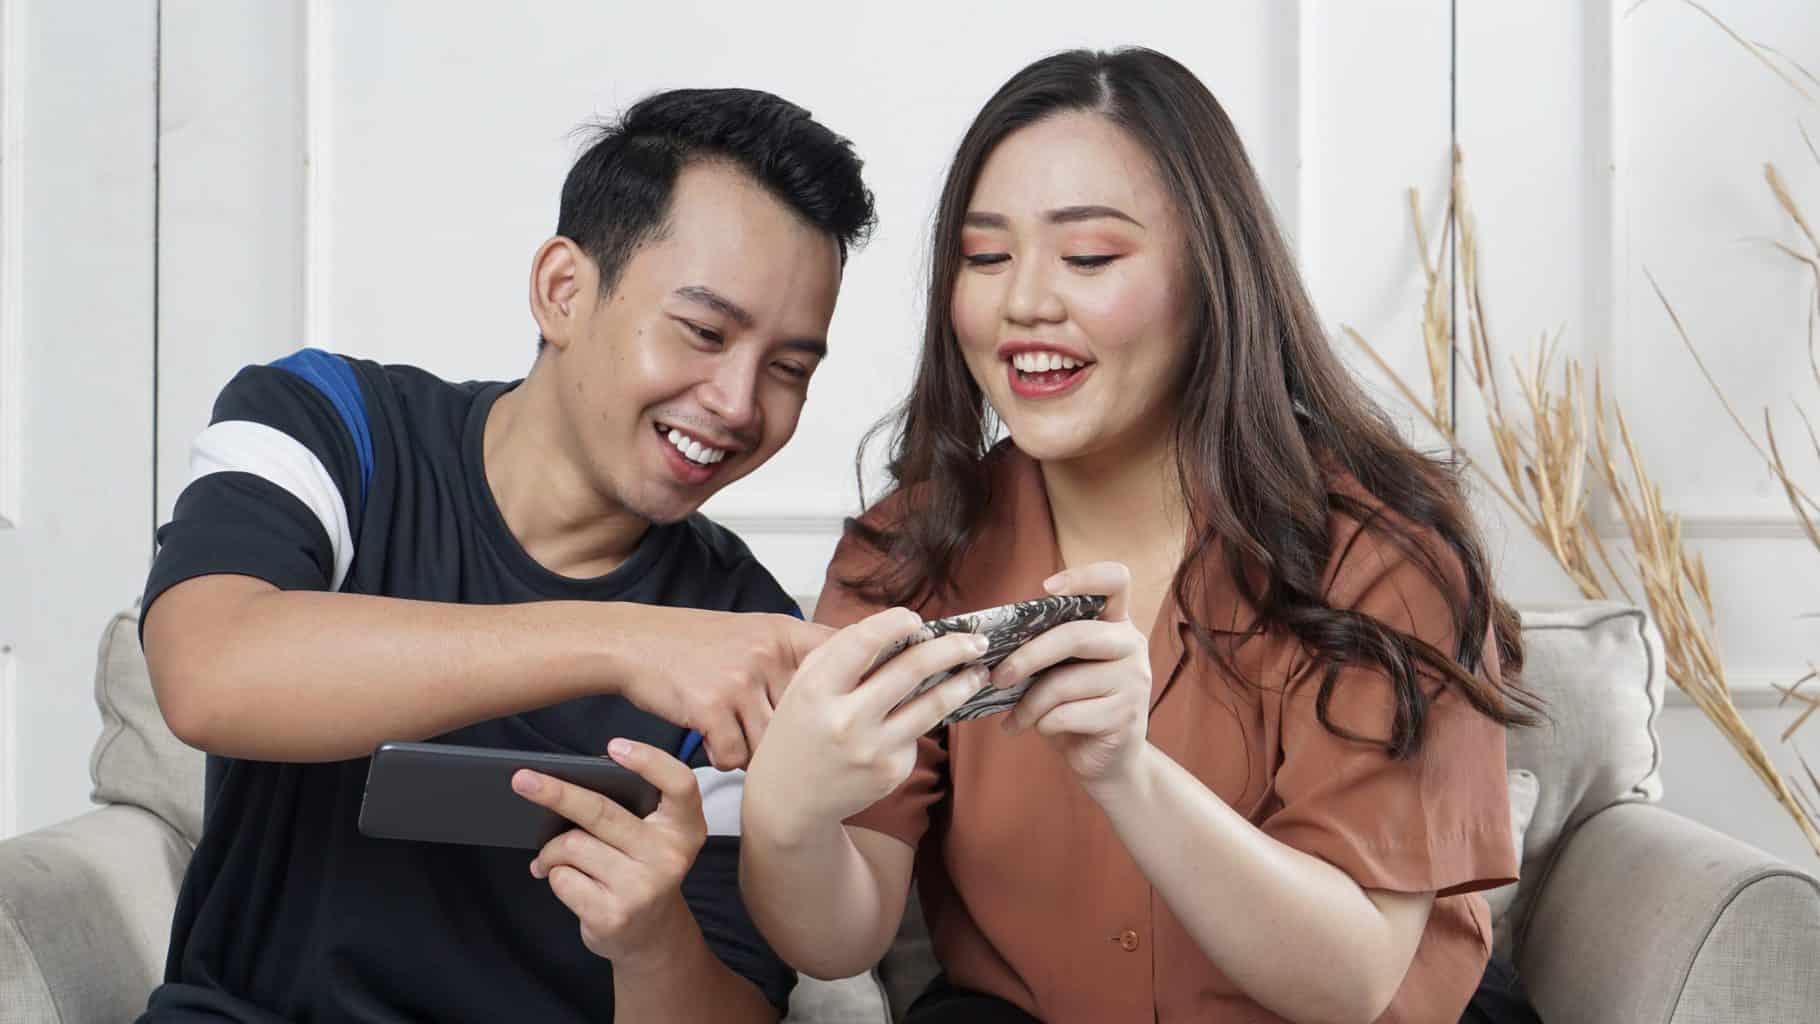 mobilspill moro